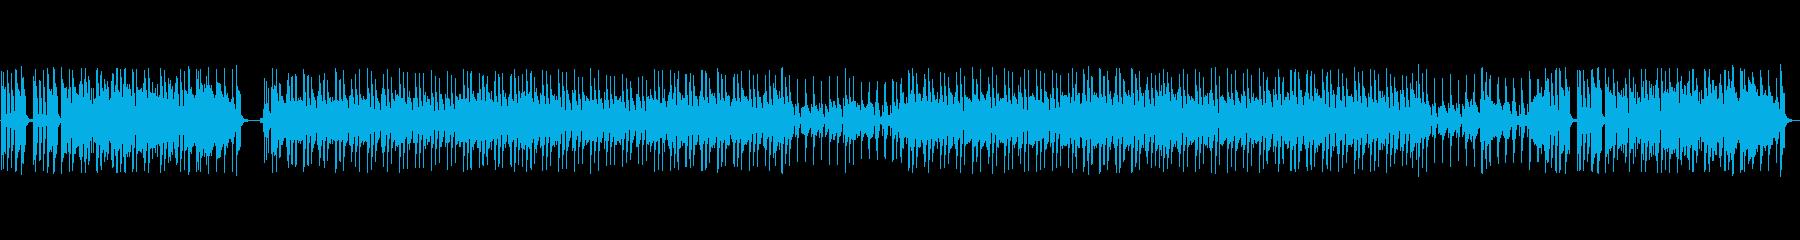 ニュース番組のオープニング風ファンク的…の再生済みの波形